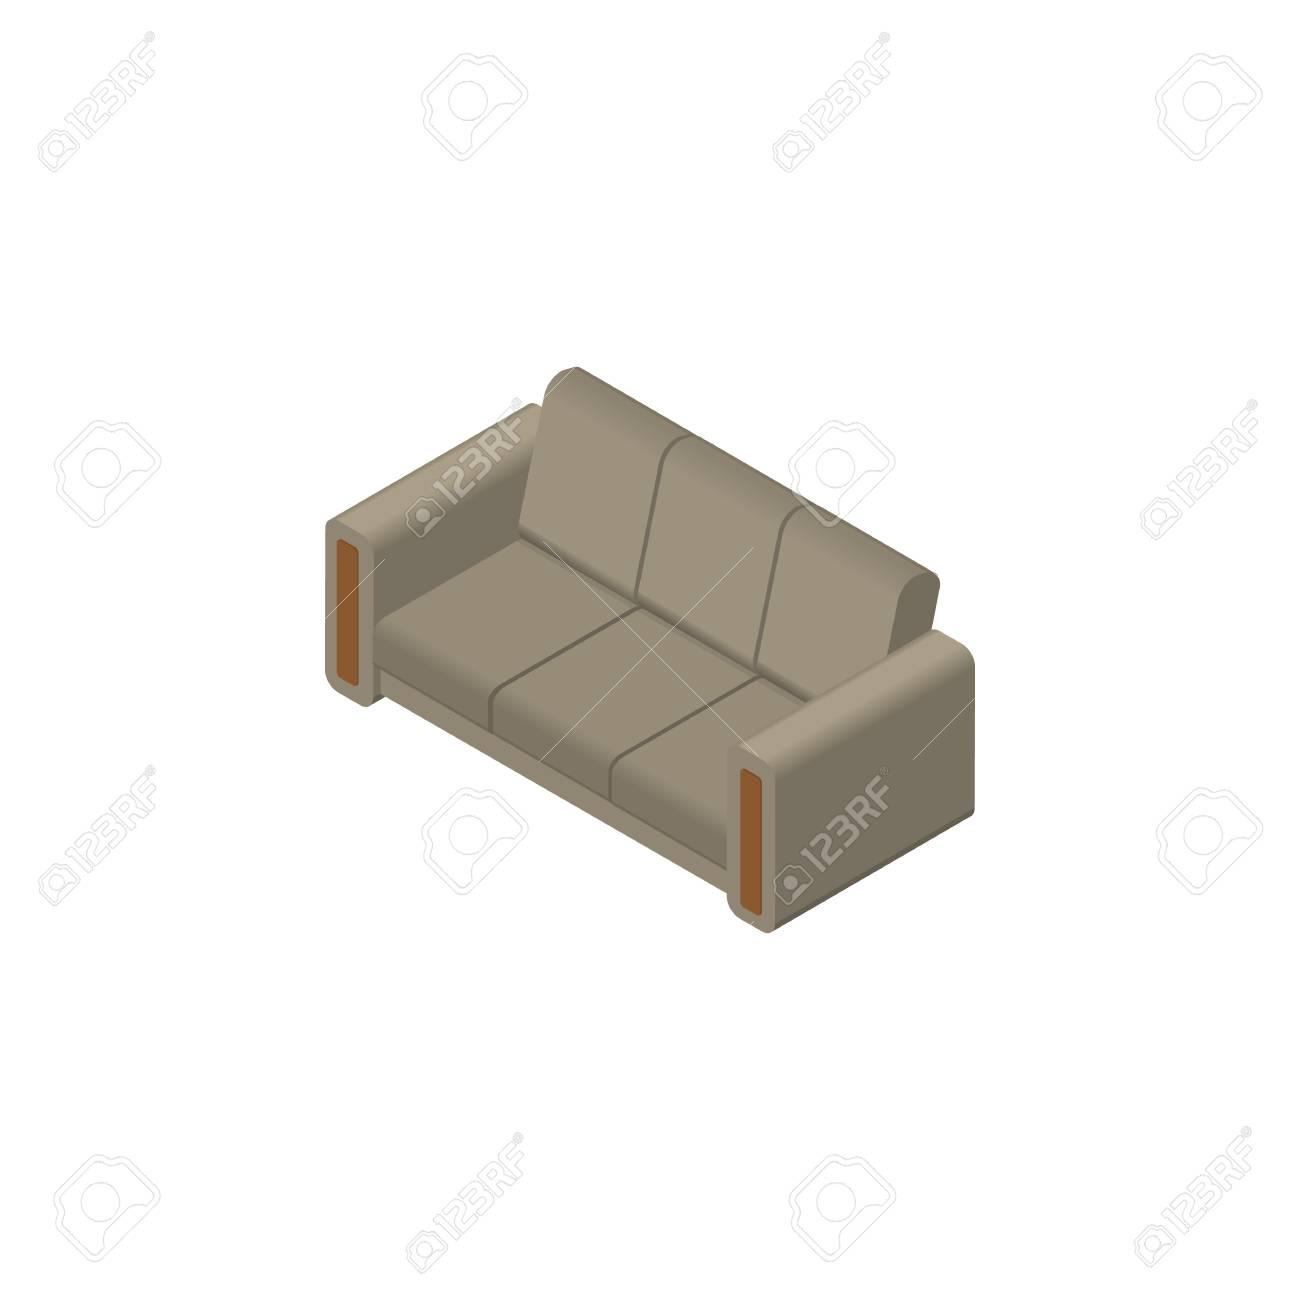 Design Bank Gebruikt.Geisoleerde Bank Isometrisch Couch Vector Element Kan Worden